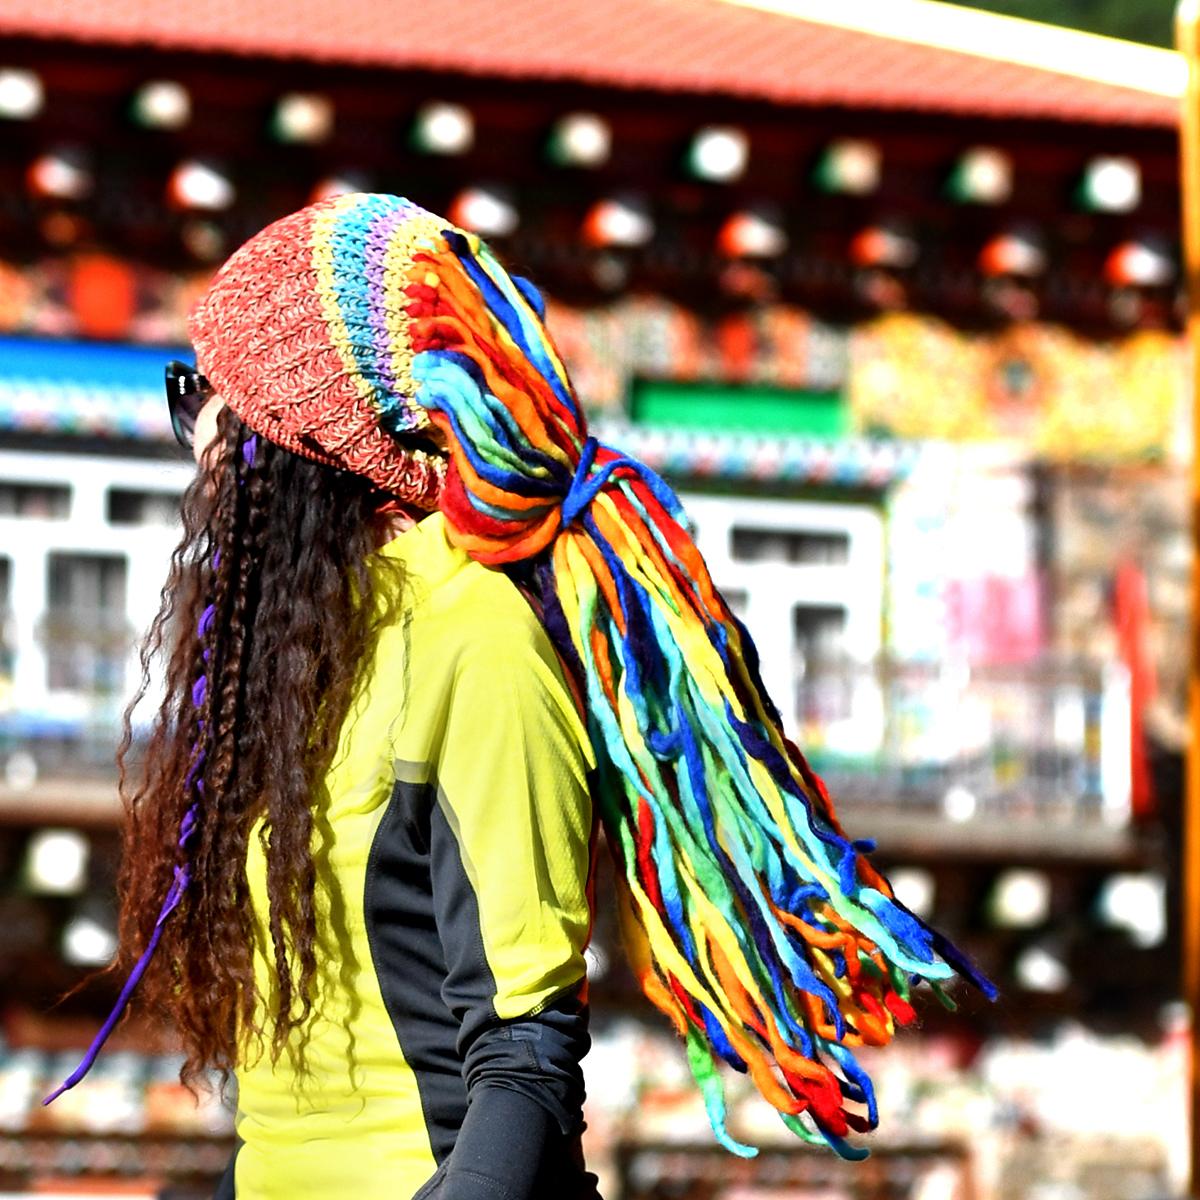 Пекин лес на открытом воздухе нигерия причал ваш ручной работы шерсть войлок мое призрак ветер вязаная шапка грязный коса крышка цвет коса крышка